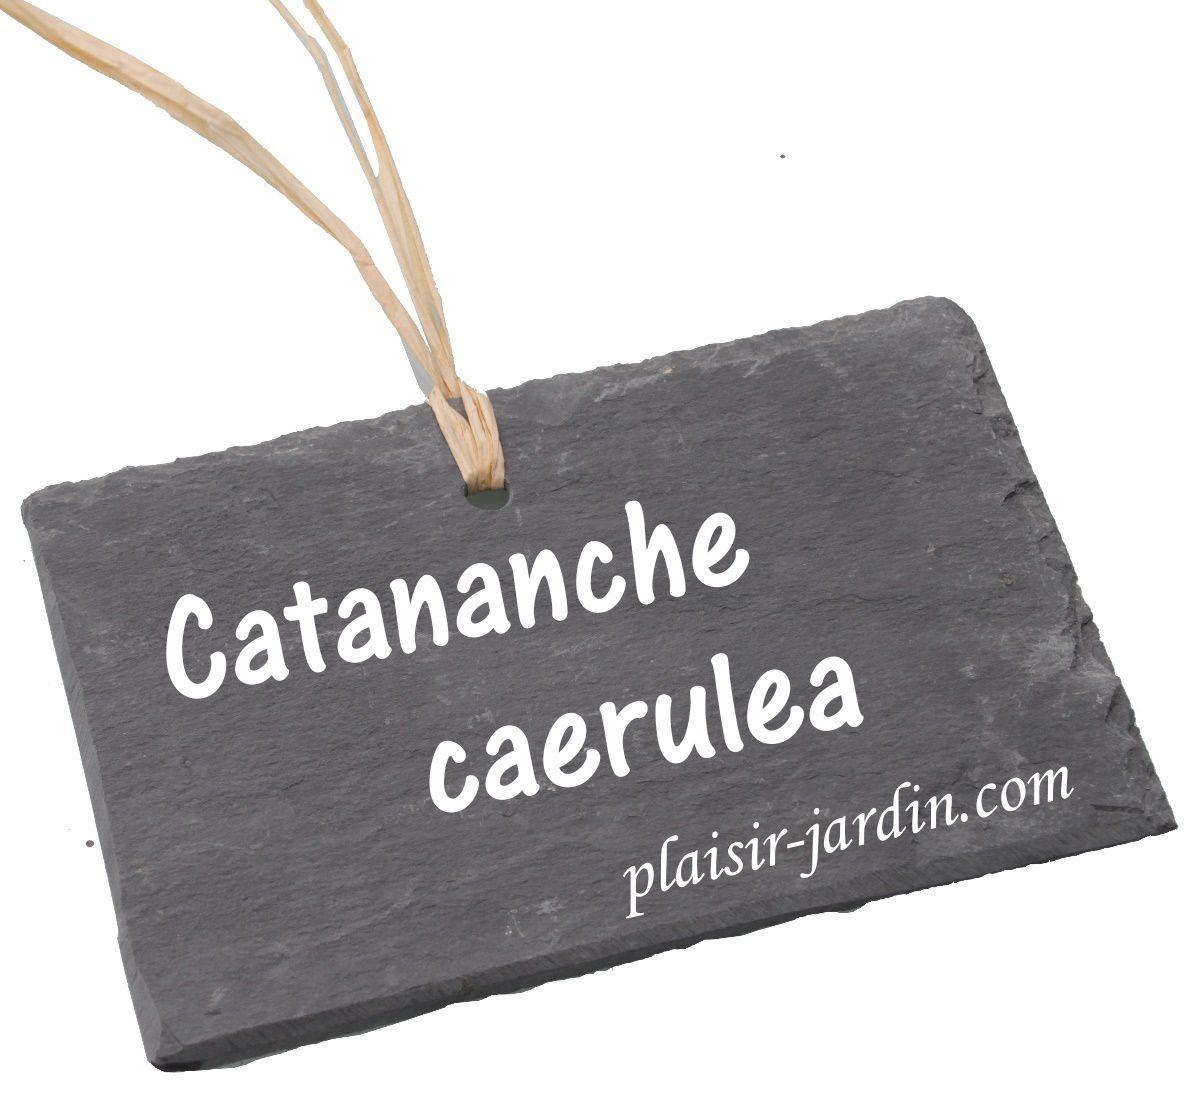 La Catananche caerulea (cupidone)